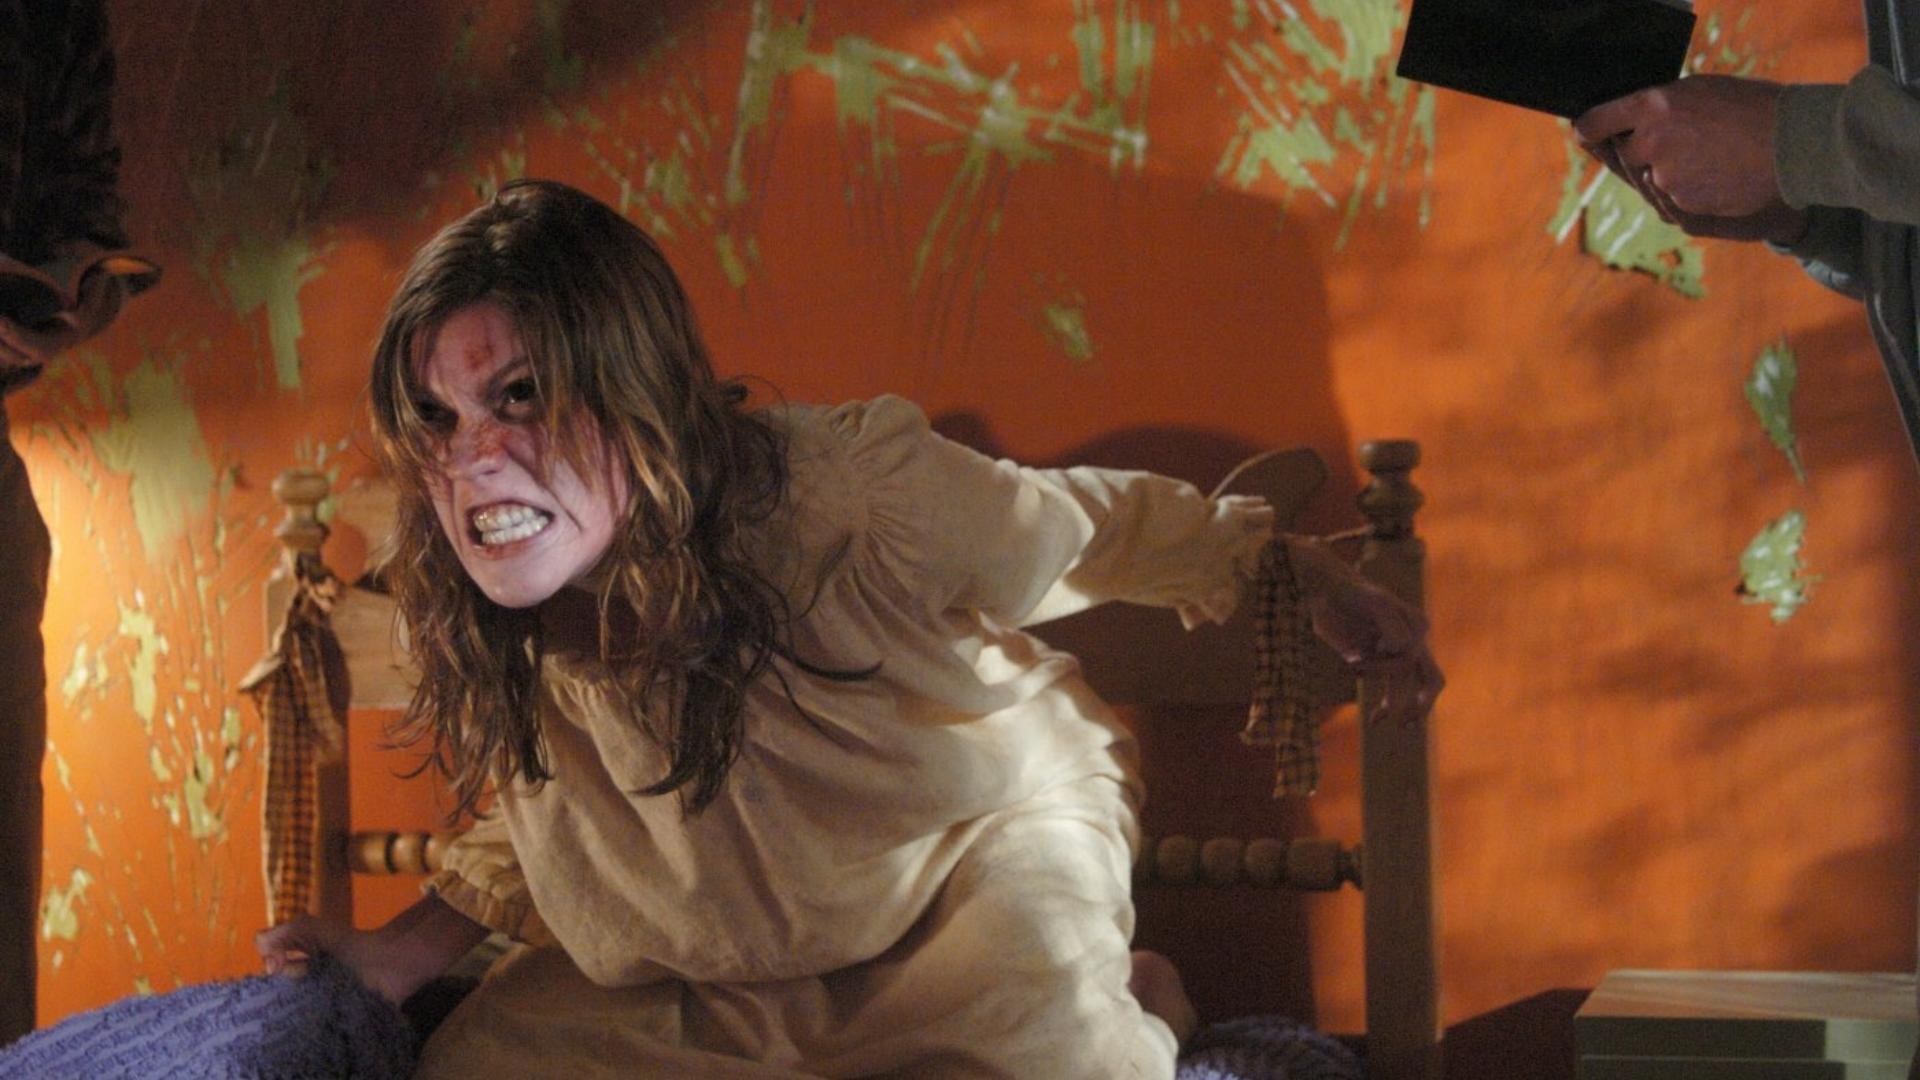 Шесть демонов Эмили Роуз (США, 2005) смотреть онлайн – Афиша-Кино